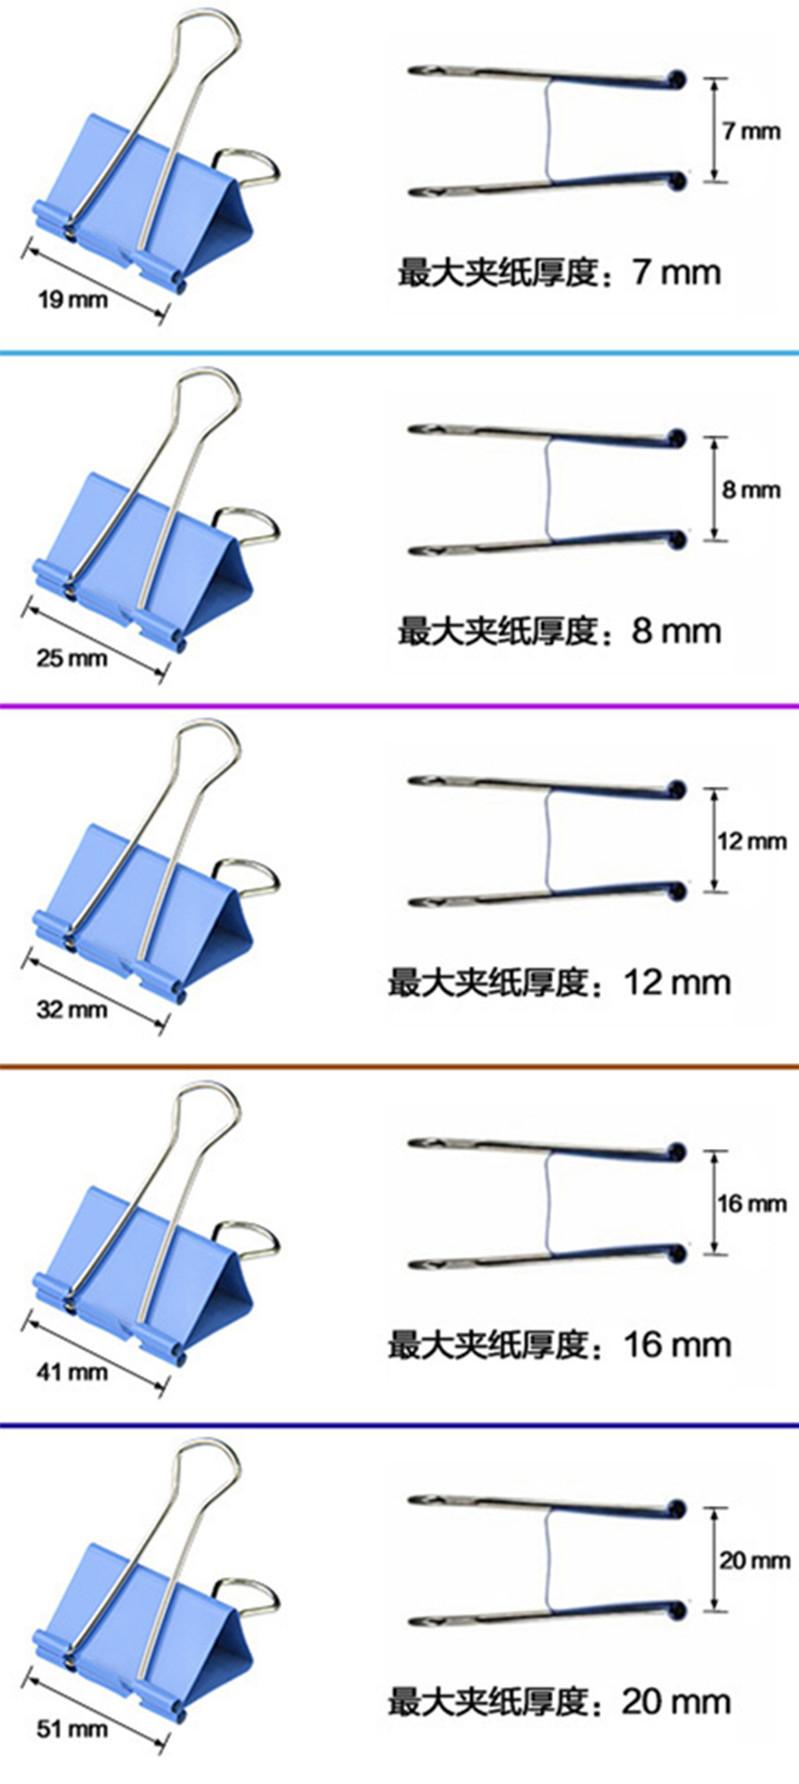 BM  25mm正品翰宏彩色凤尾夹长尾票夹图片四